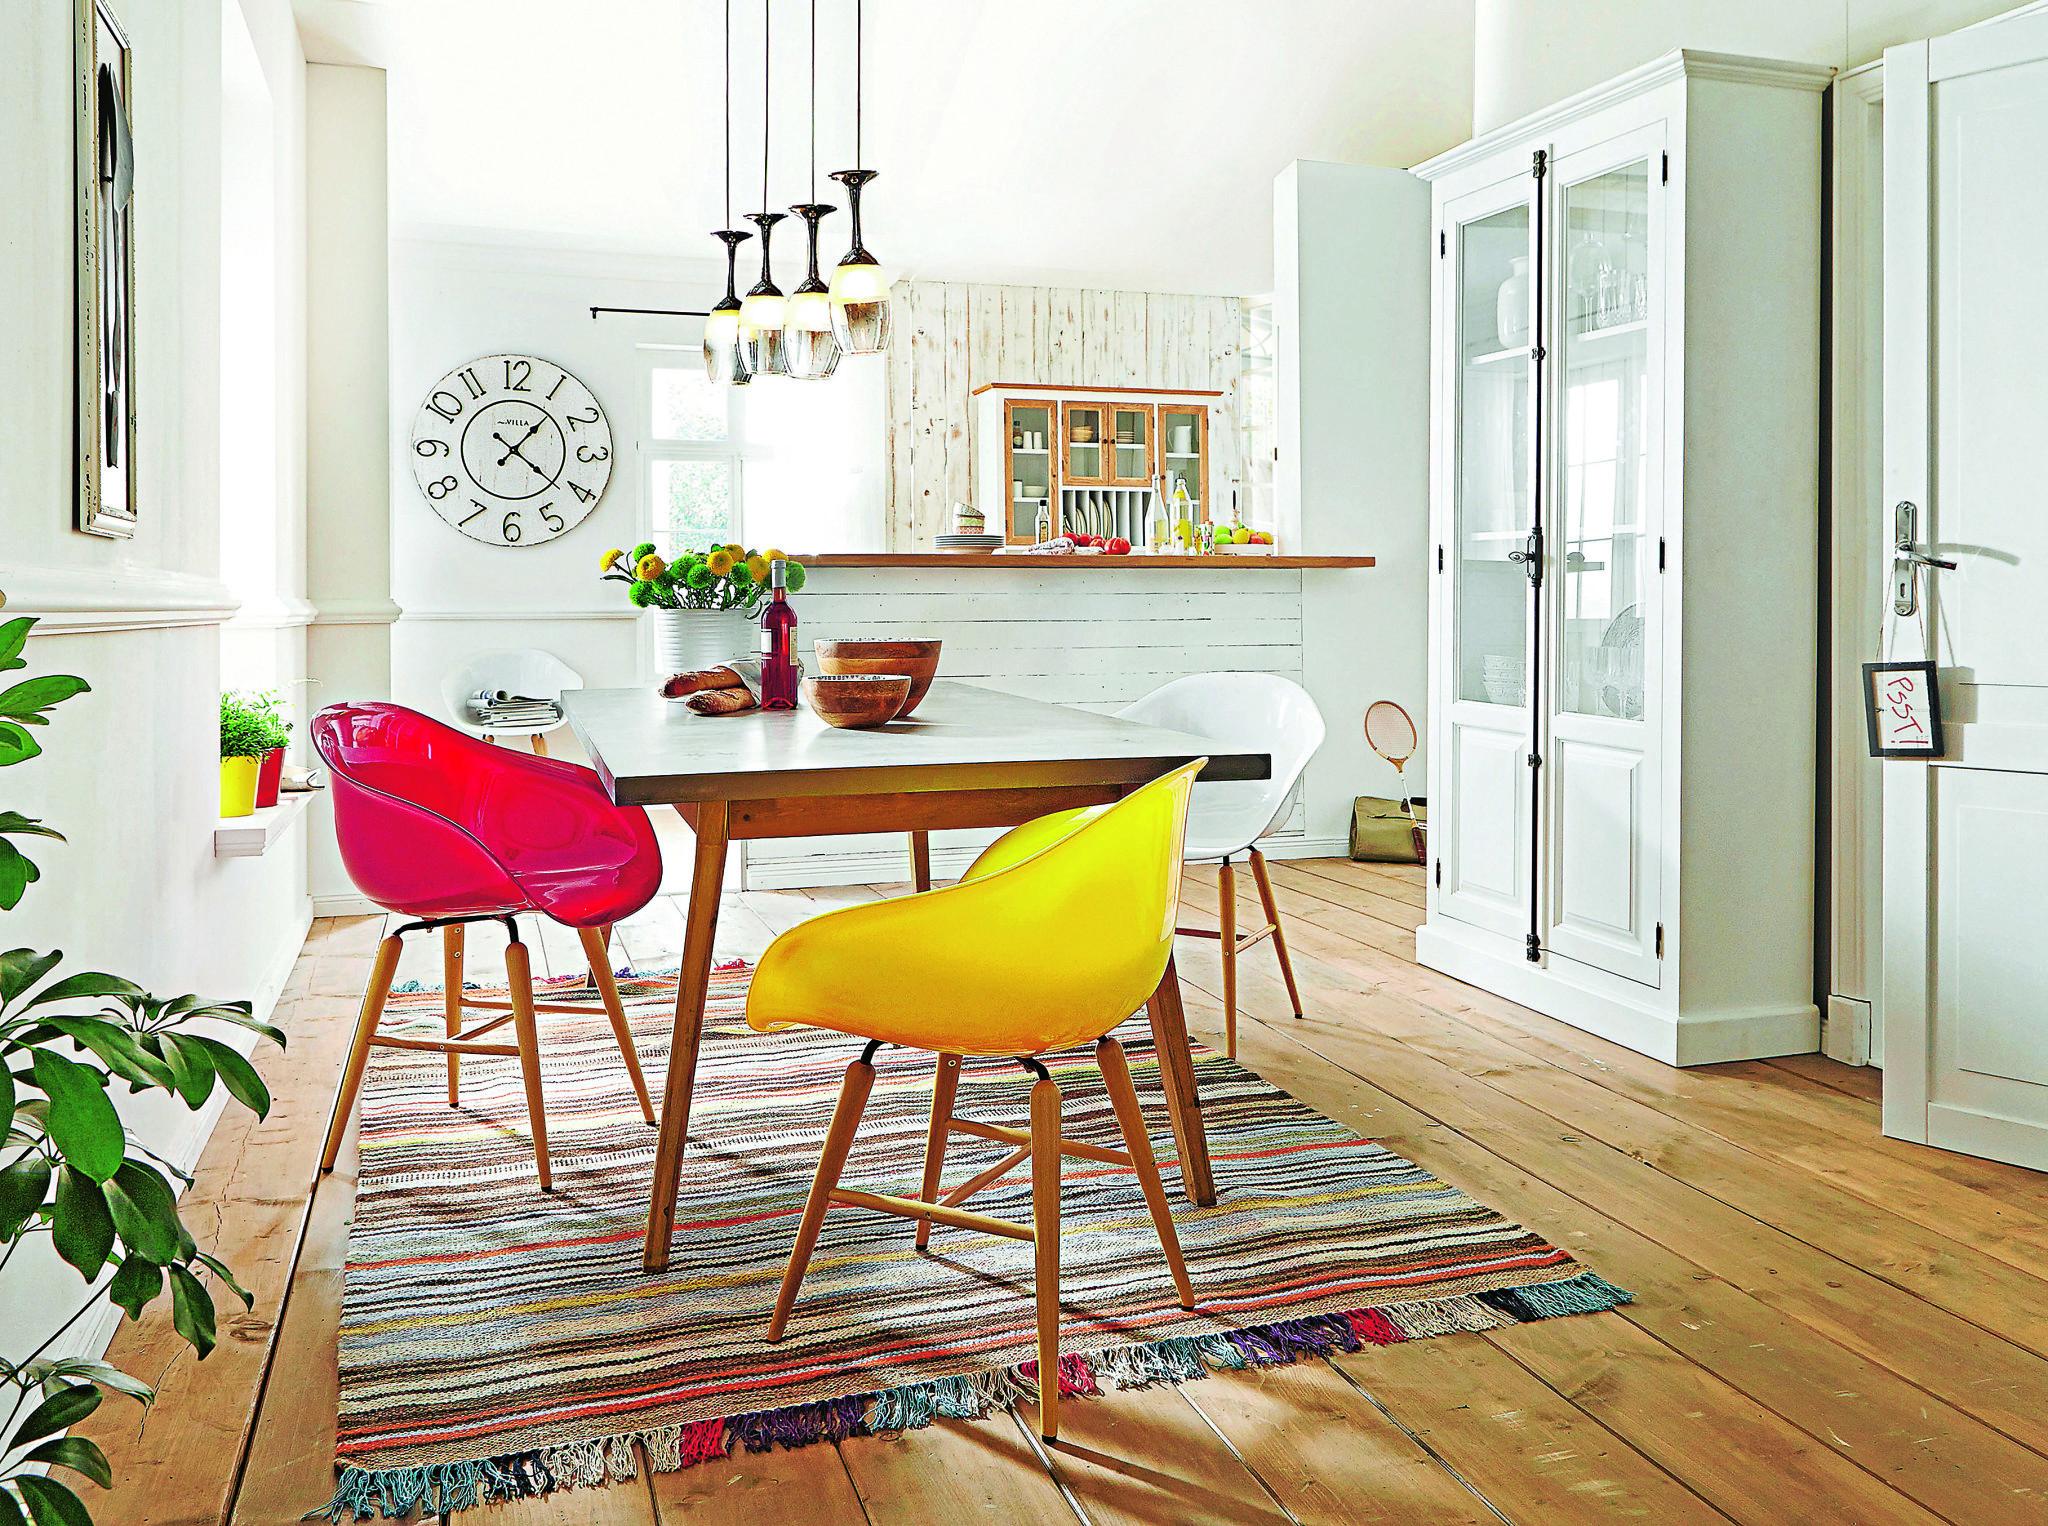 Как выбрать цвет интерьера: советы дизайнера